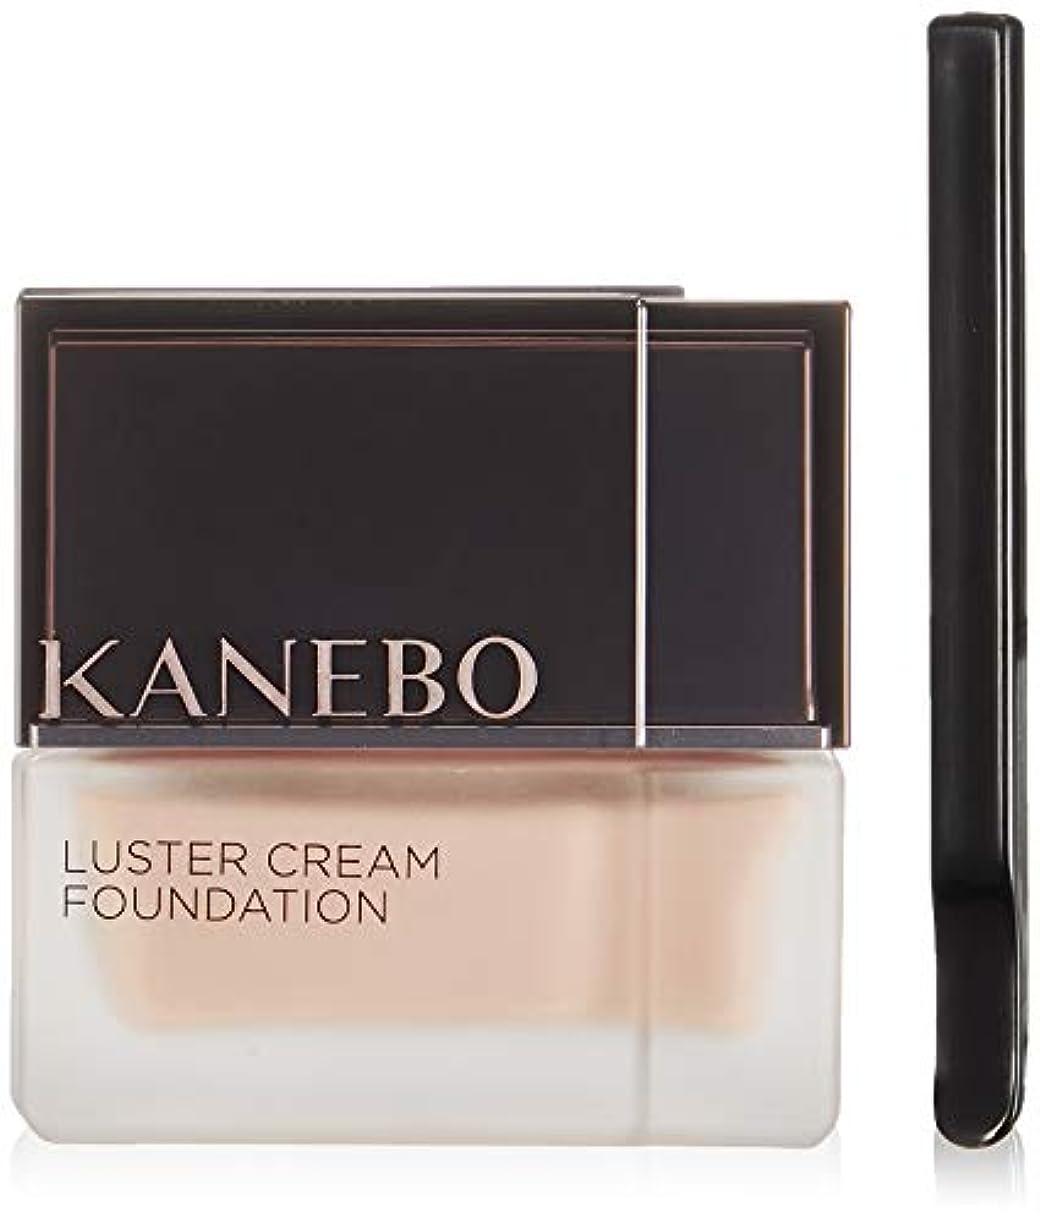 批判する小道誓約KANEBO(カネボウ) カネボウ ラスタークリームファンデーション オークルC SPF15/PA+ ファンデーション